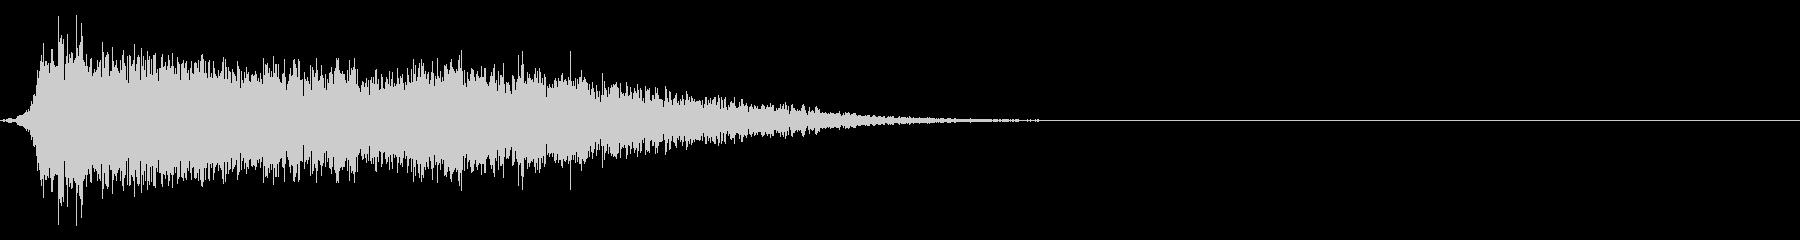 コミカルなダッシュ,ジャンプ効果音!6cの未再生の波形